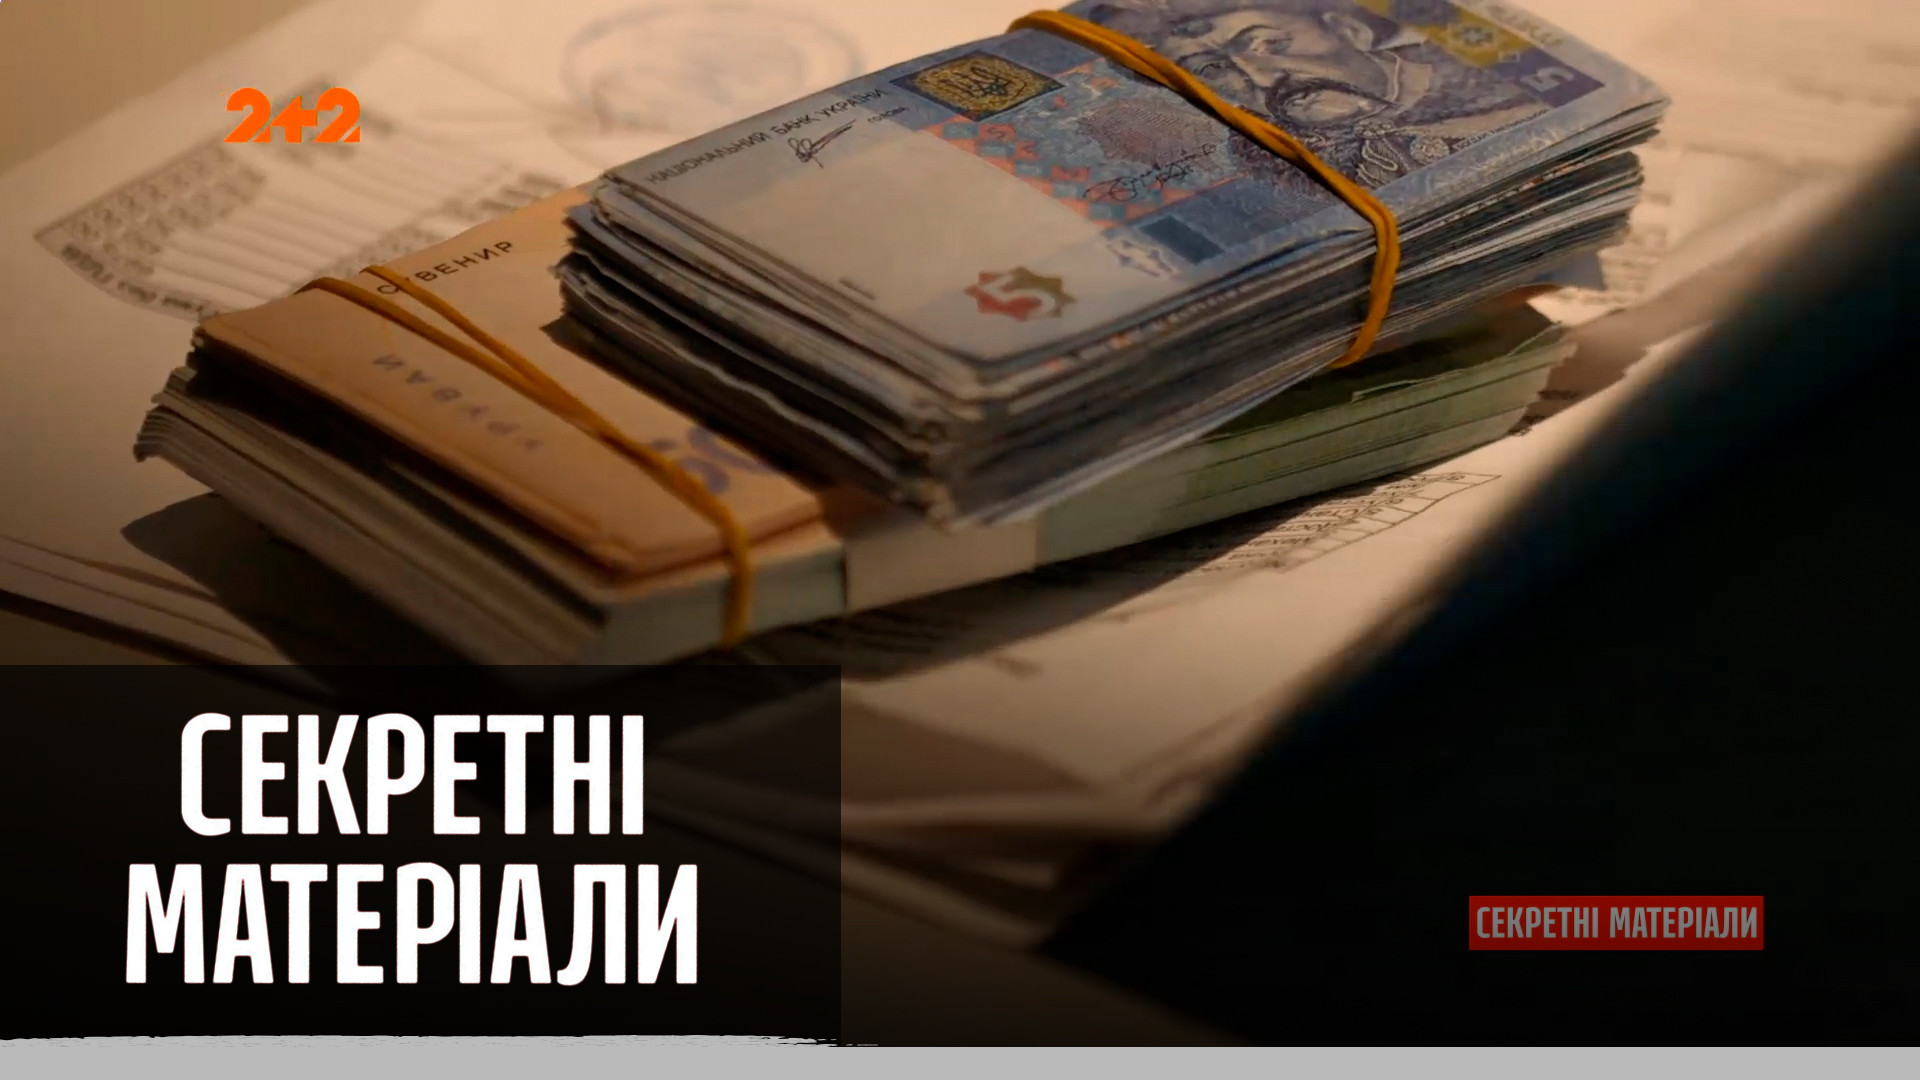 Верховна рада ухвалила законопроект про розсекречення гонорарів чиновників – Секретні матеріали